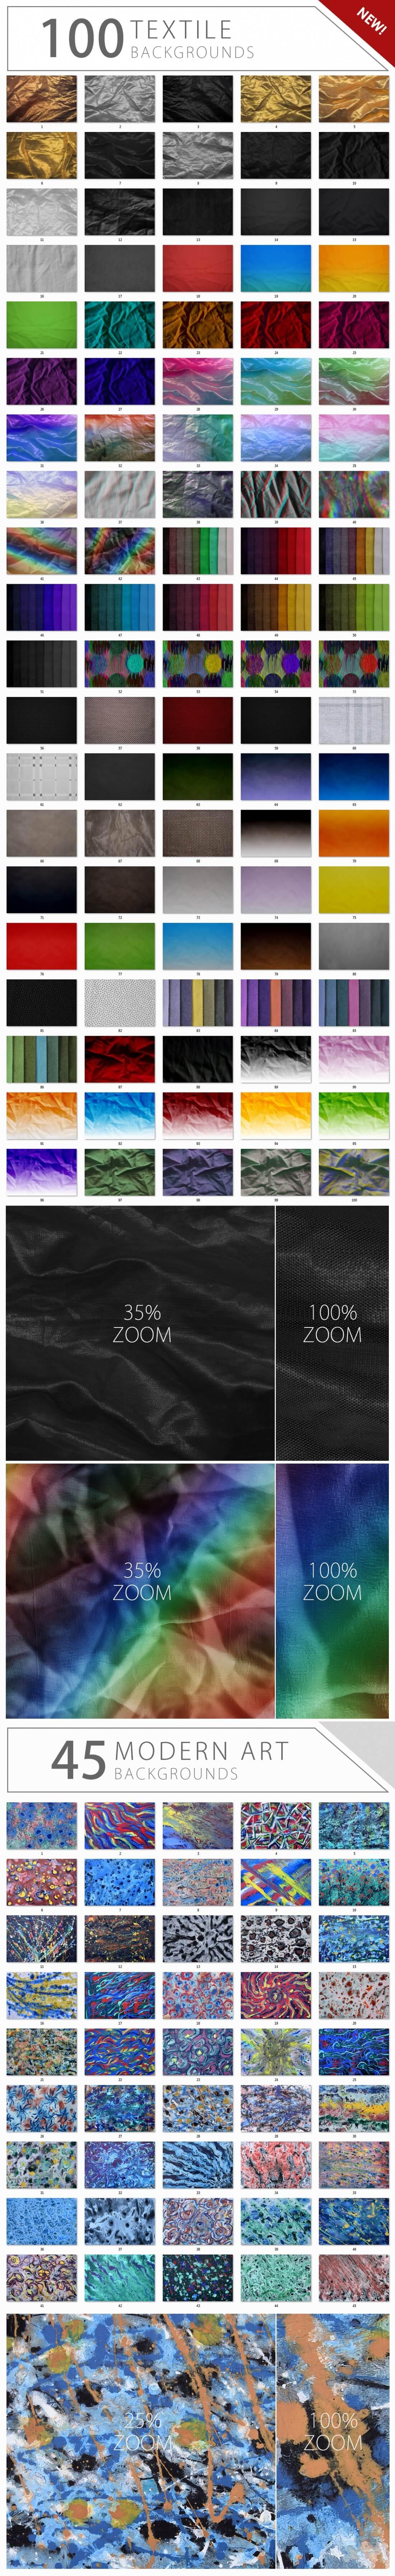 Textile_ModernArt prev